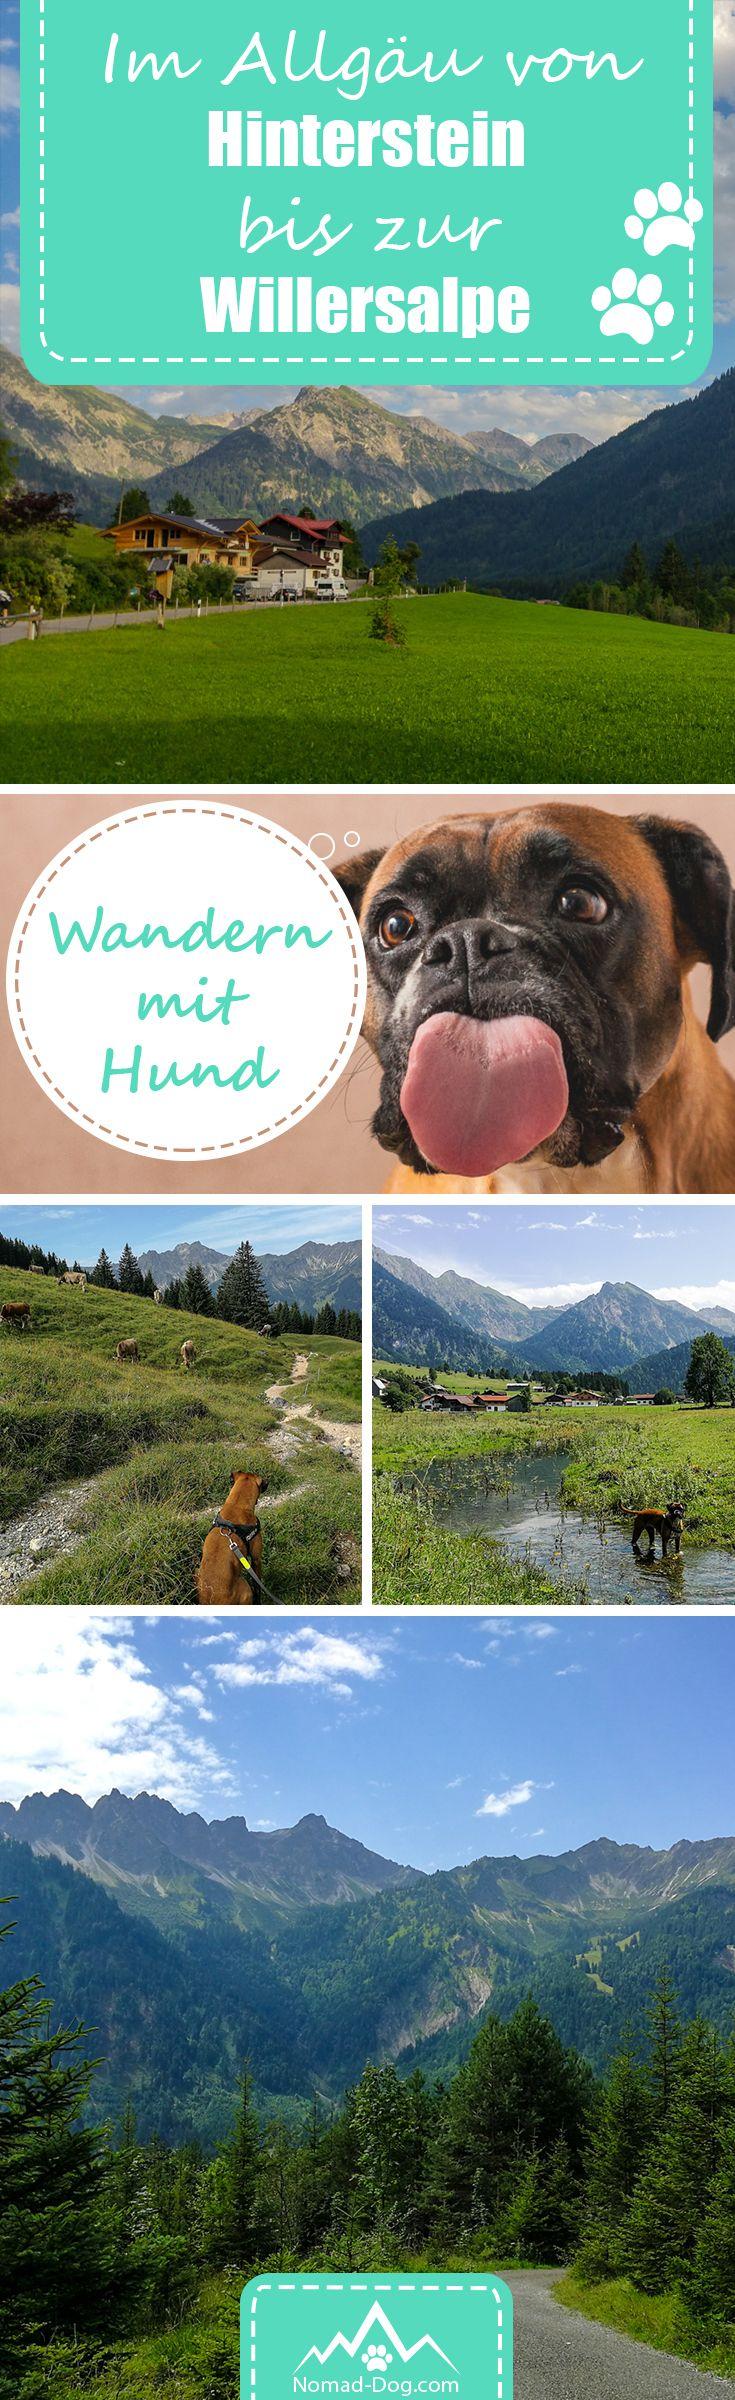 """Wandern im Allgäu mit deinem Hund? Wie wäre es mit einer Tour von Hinterstein zur Willersalpe inkl. GPS-Koordinaten zum direkt """"Nachwandern"""". #unterwegsmithund #travelwithdog #wandernmithund #urlaubmithund #wandern #outdoor #Allgäu"""